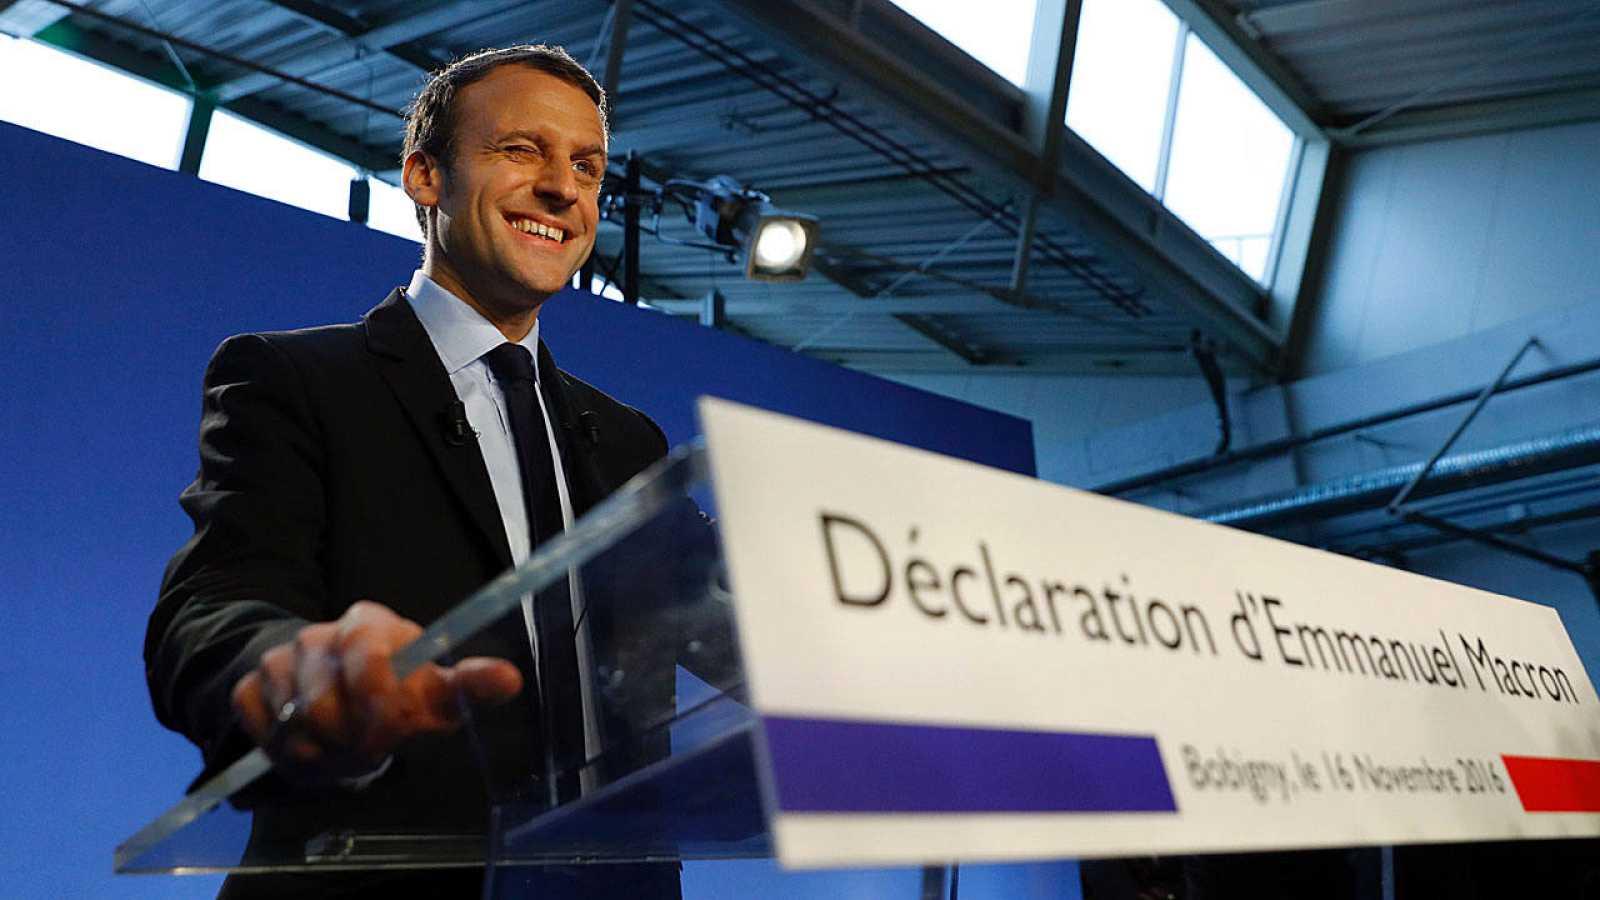 La candidatura de Emmanuel Macron era un secreto a voces desde que dimitió como ministro este verano.